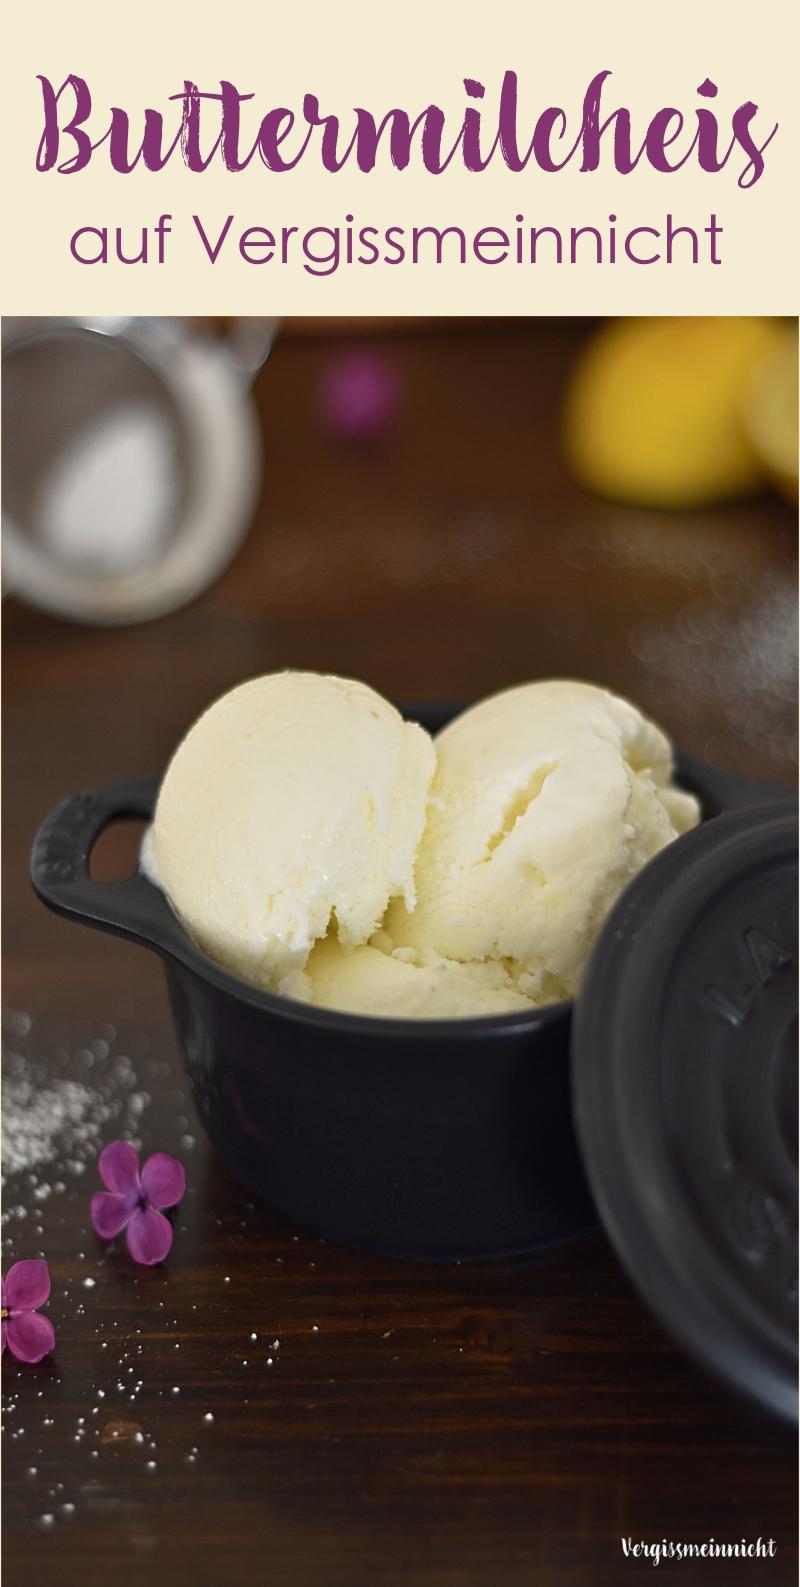 Buttermilcheis - ein Rezept meiner Mama - Vergissmeinnnicht